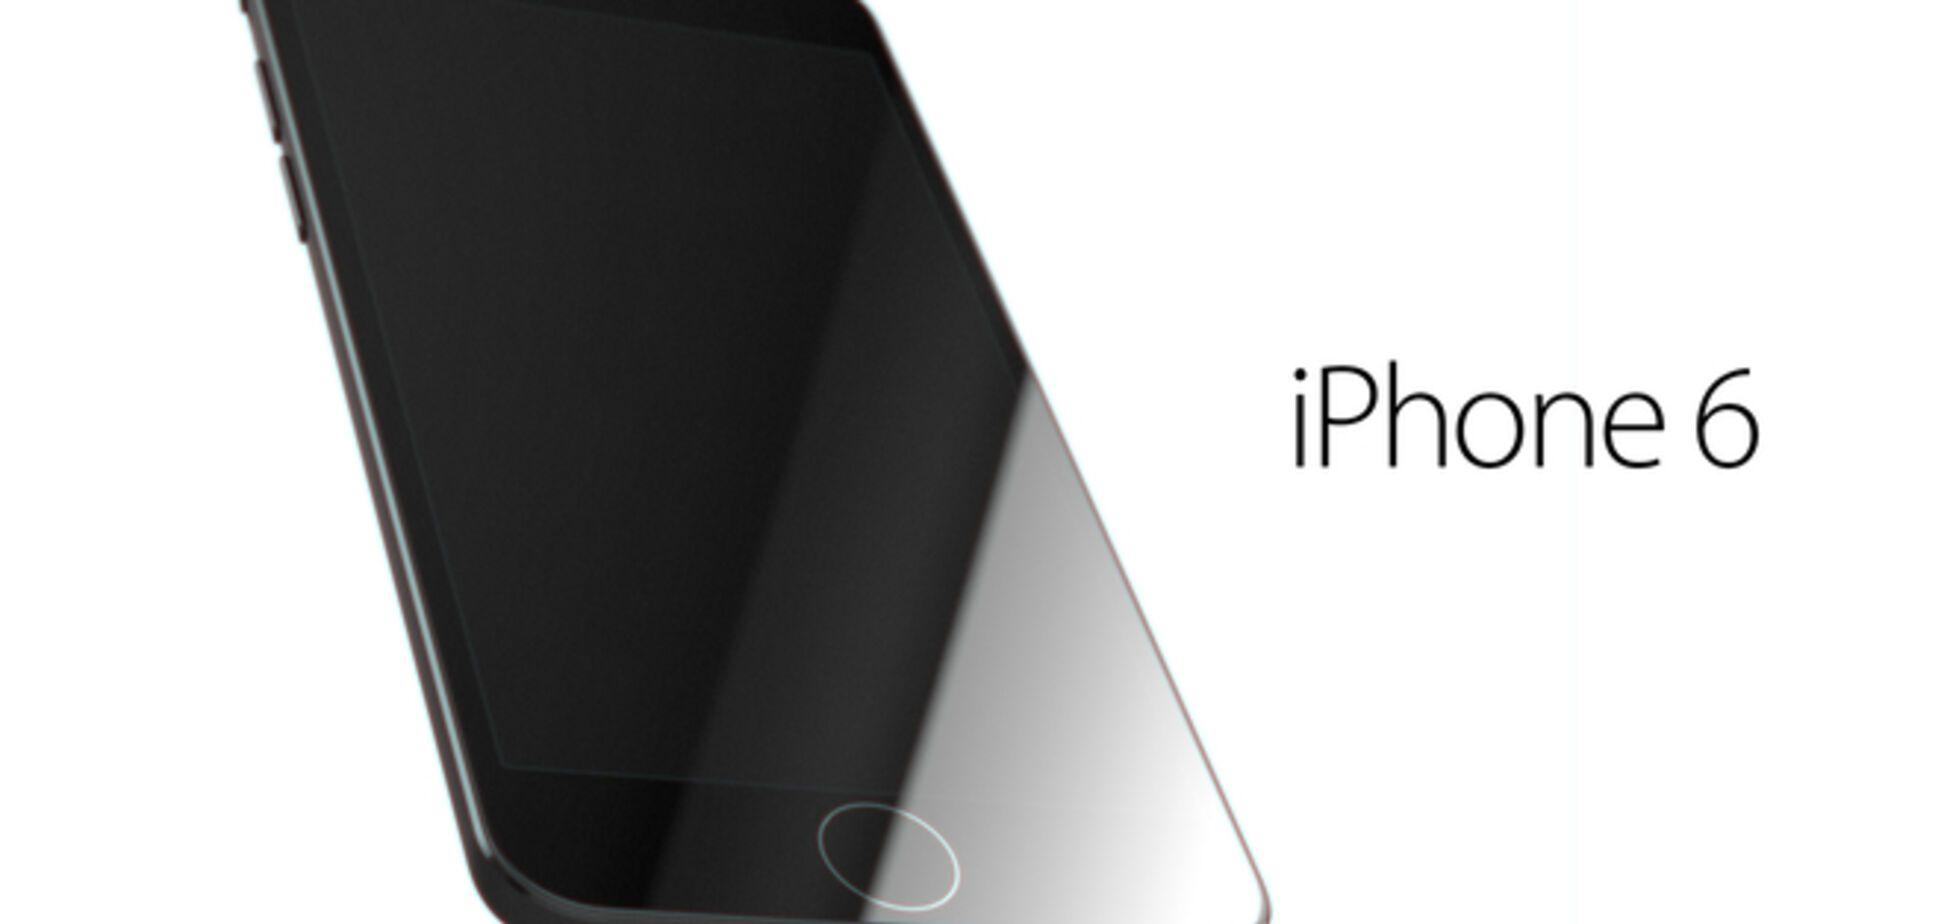 Международные бренды затролили iPhone 6 из-за его размеров